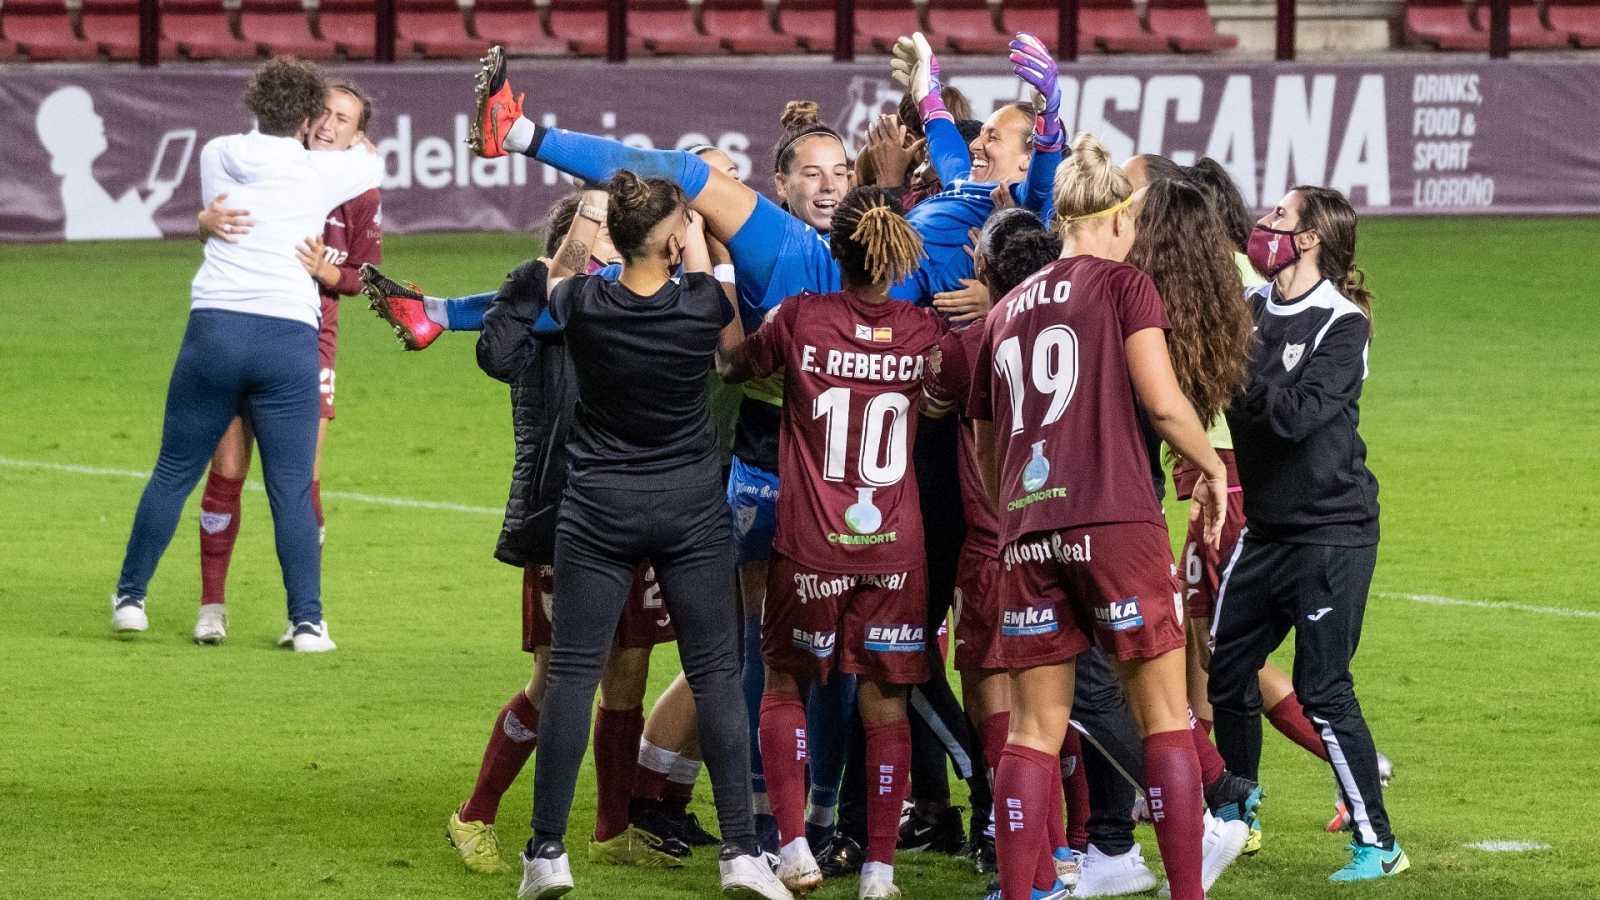 Euforia en Logroño por el pase a la final de la Copa de la Reina